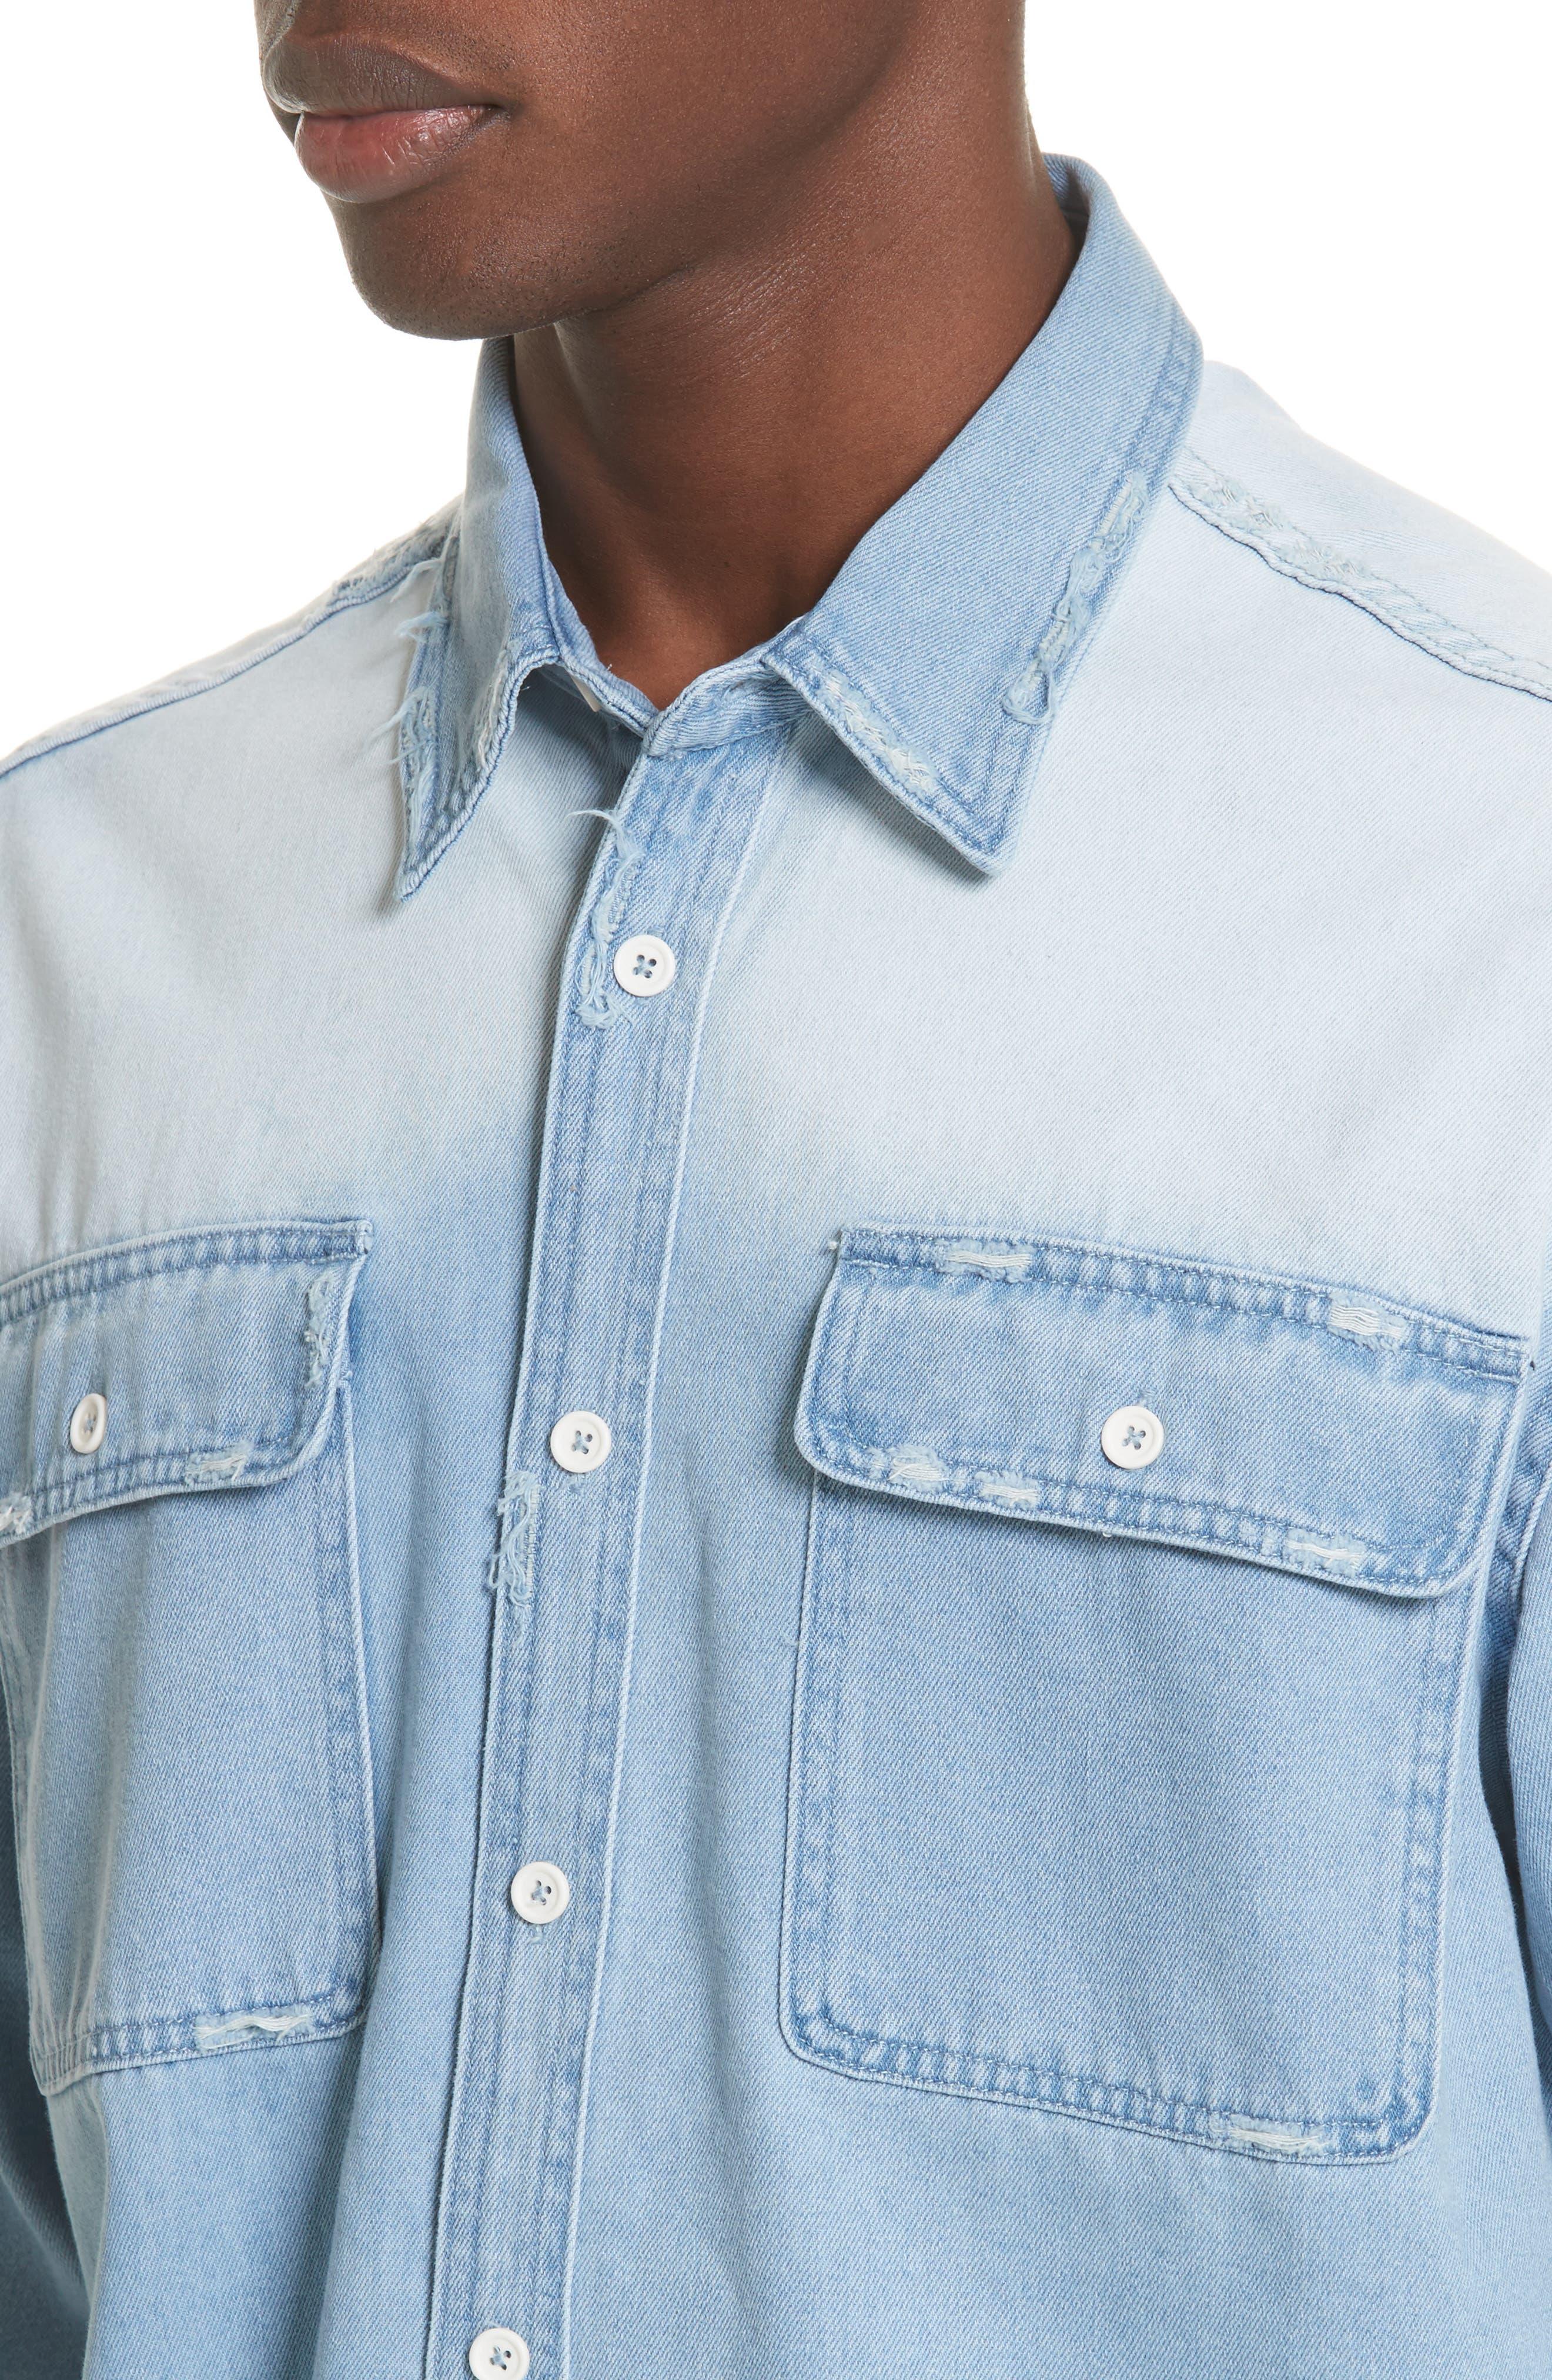 Oversize Distressed Denim Shirt,                             Alternate thumbnail 4, color,                             WASHED DENIM